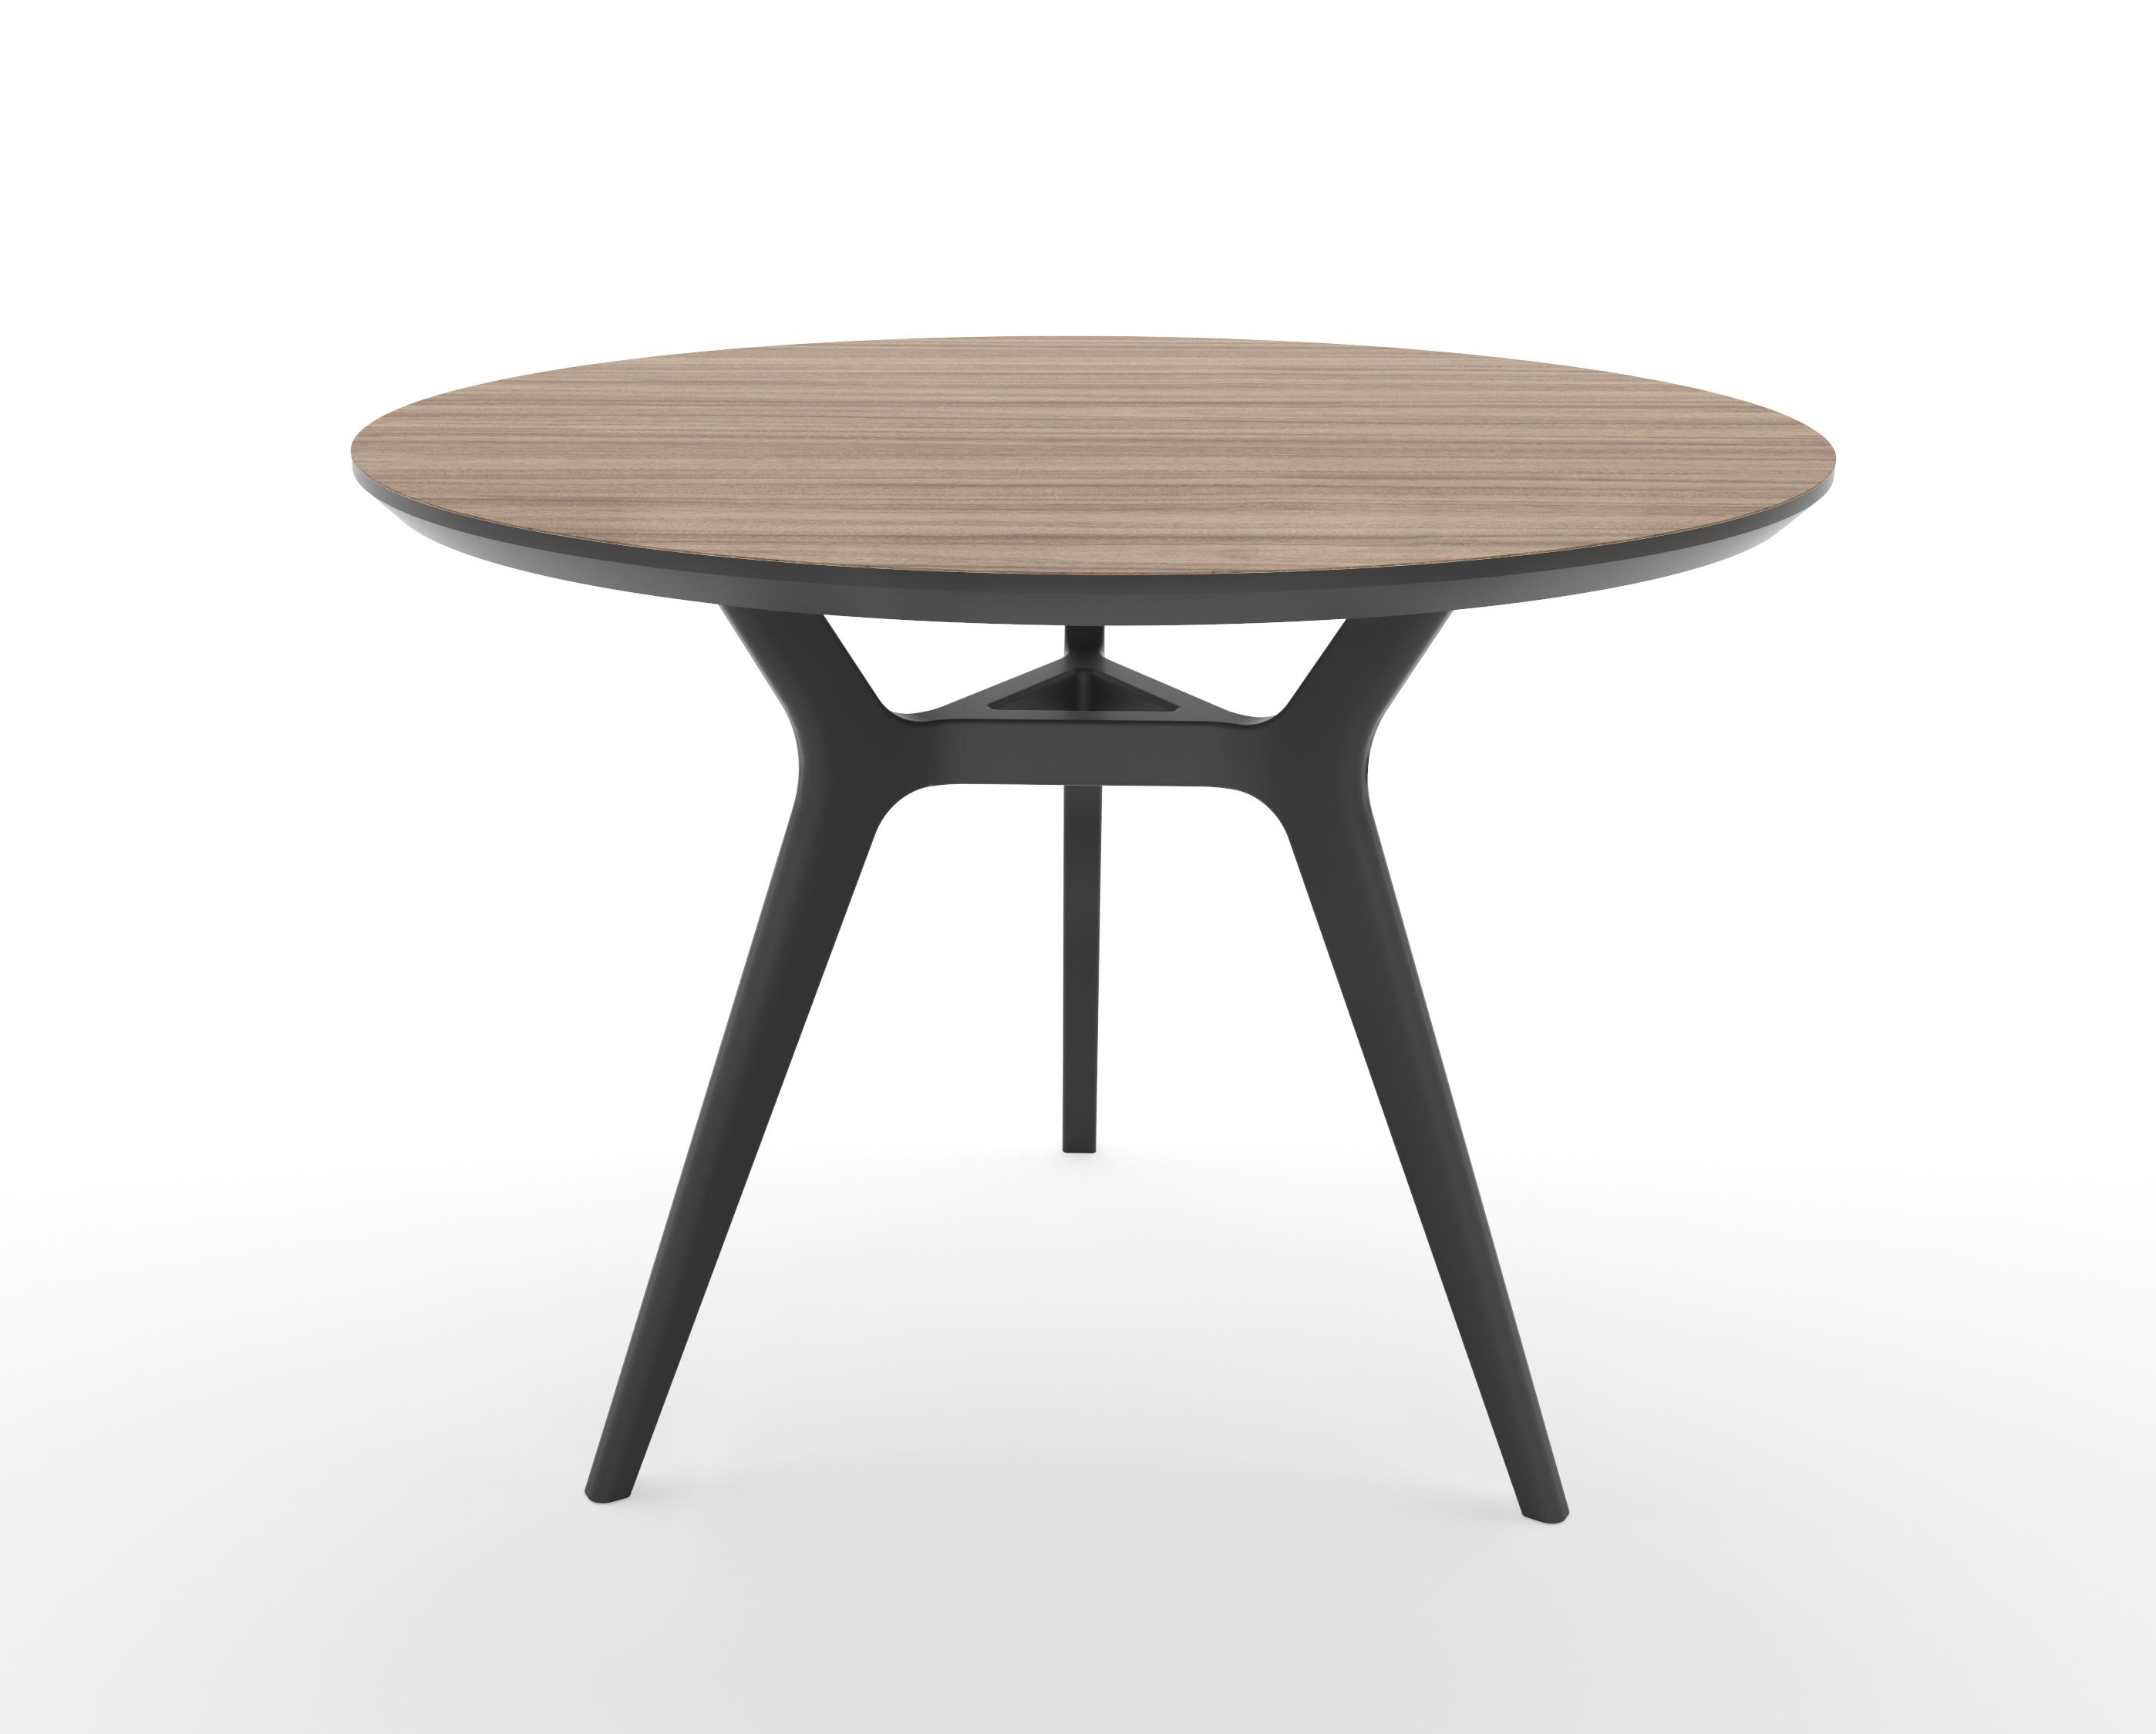 Стол GlatОбеденные столы<br>Тщательная проработка деталей и пропорций стола позволяет ему идеально вписаться в любой интерьер.&amp;lt;div&amp;gt;&amp;lt;br&amp;gt;&amp;lt;/div&amp;gt;&amp;lt;div&amp;gt;Отделка столешницы шпоном ореха, подстолье выкрашено в  цвет графит. Сборка не требуется.   &amp;lt;/div&amp;gt;<br><br>Material: МДФ<br>Высота см: 75.0